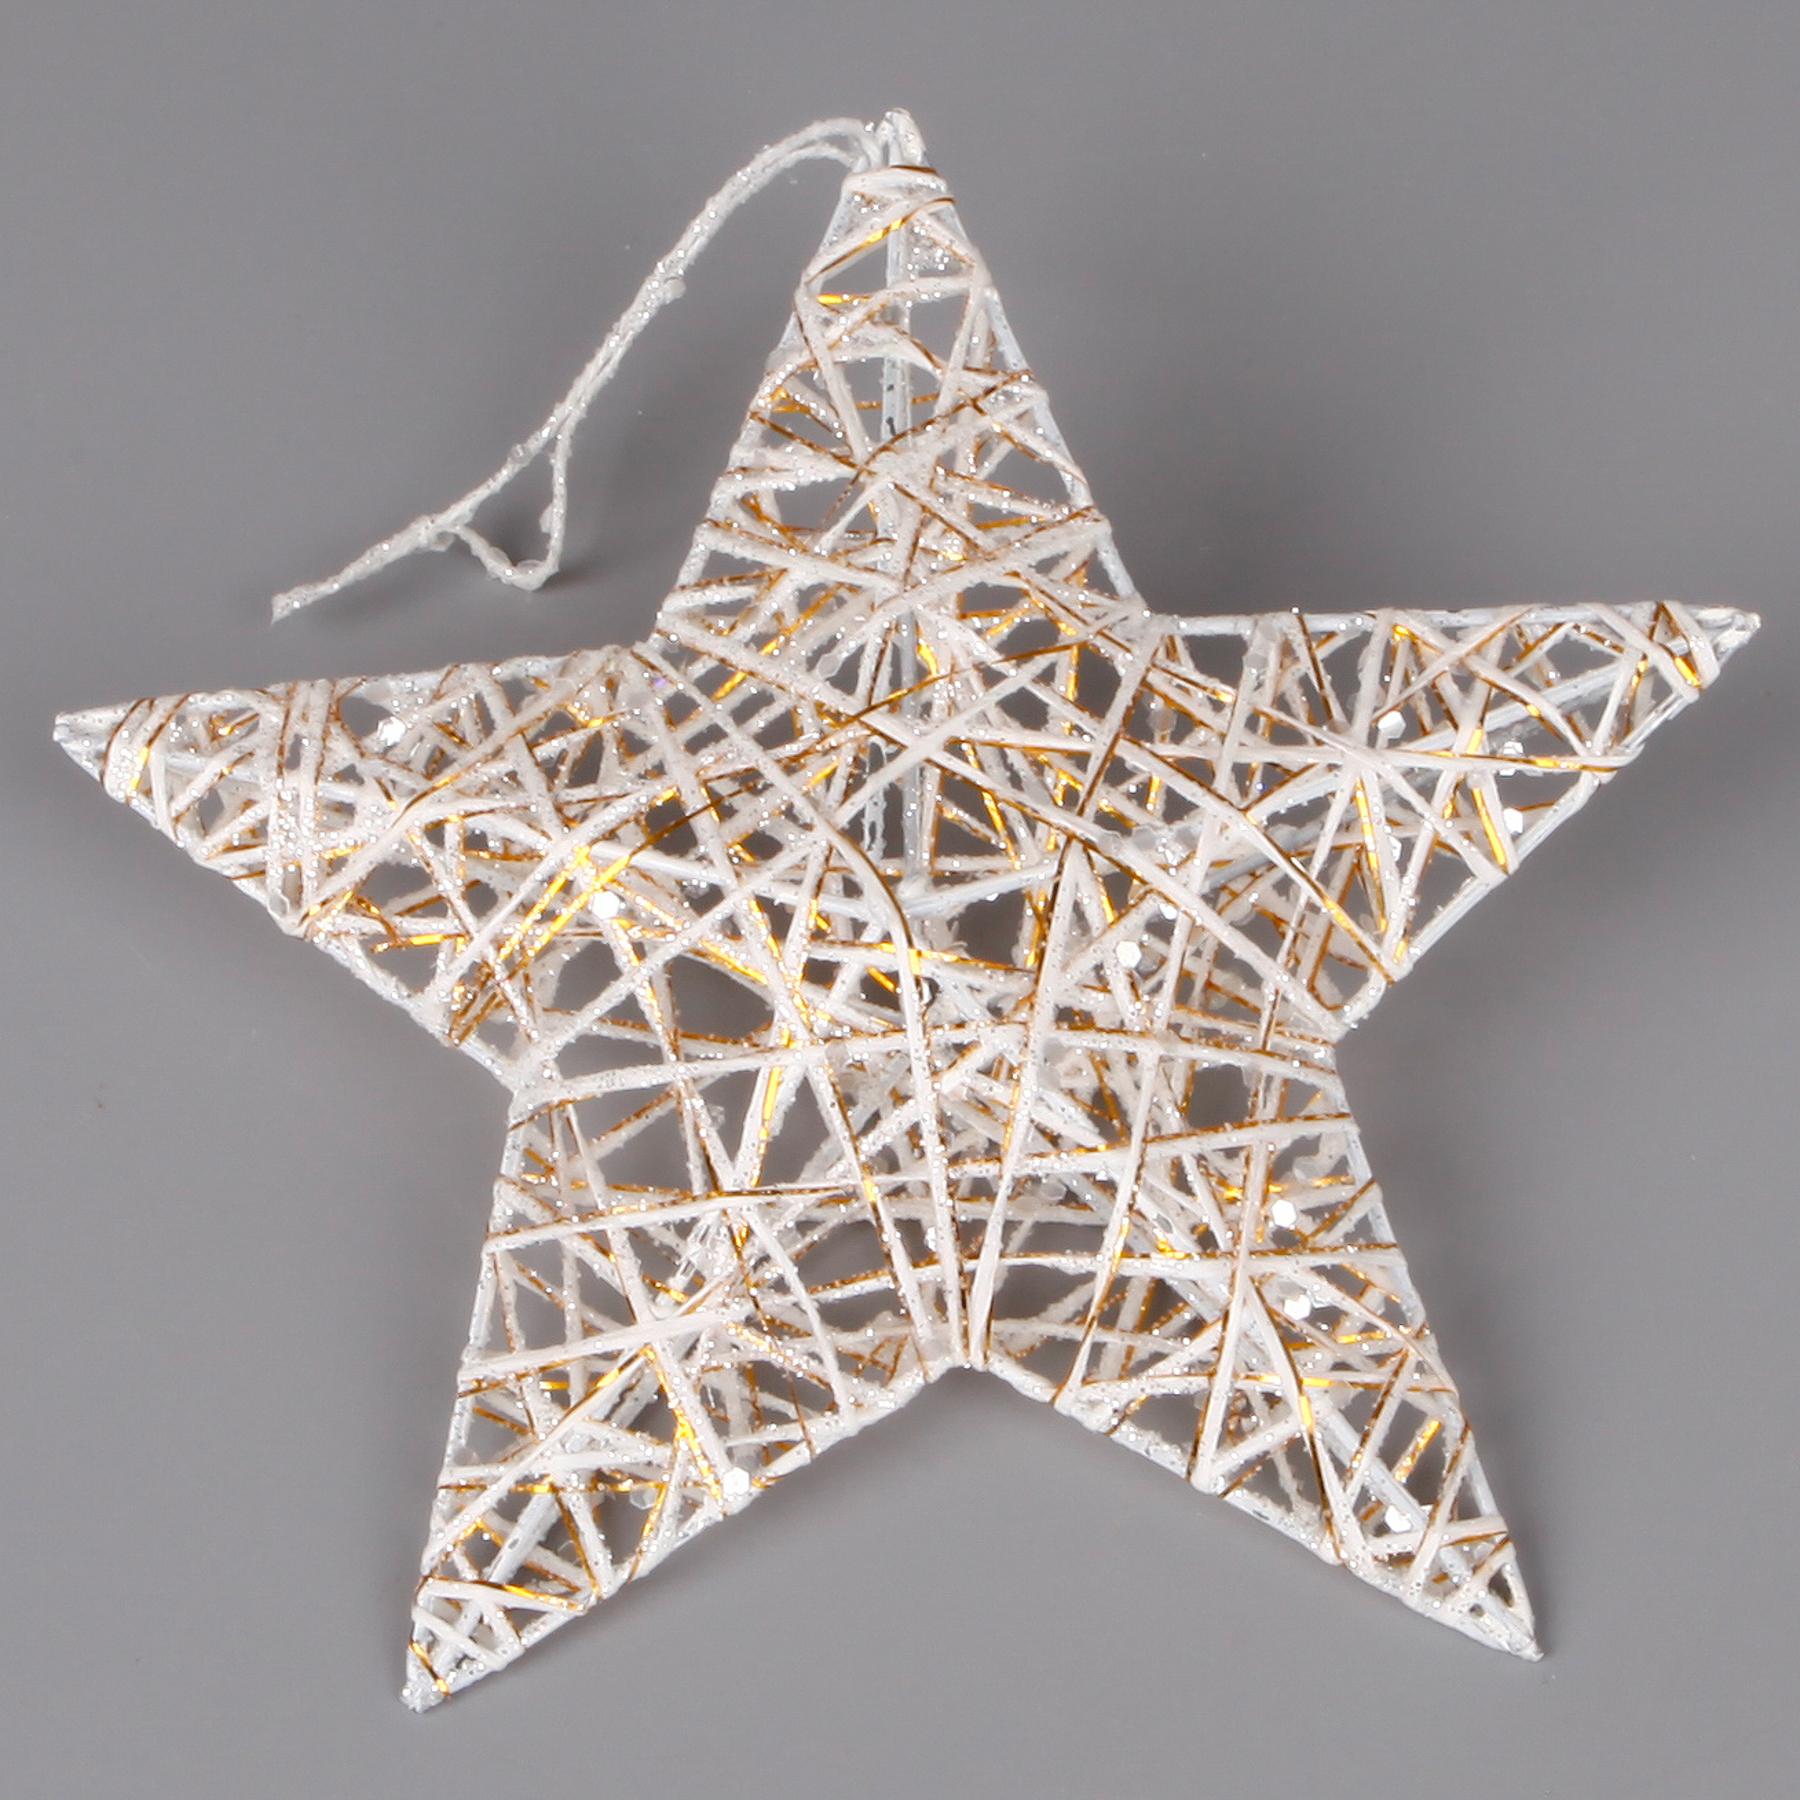 3D hvězda závěs provaz/kov 15cm bílá/zlatá gliter